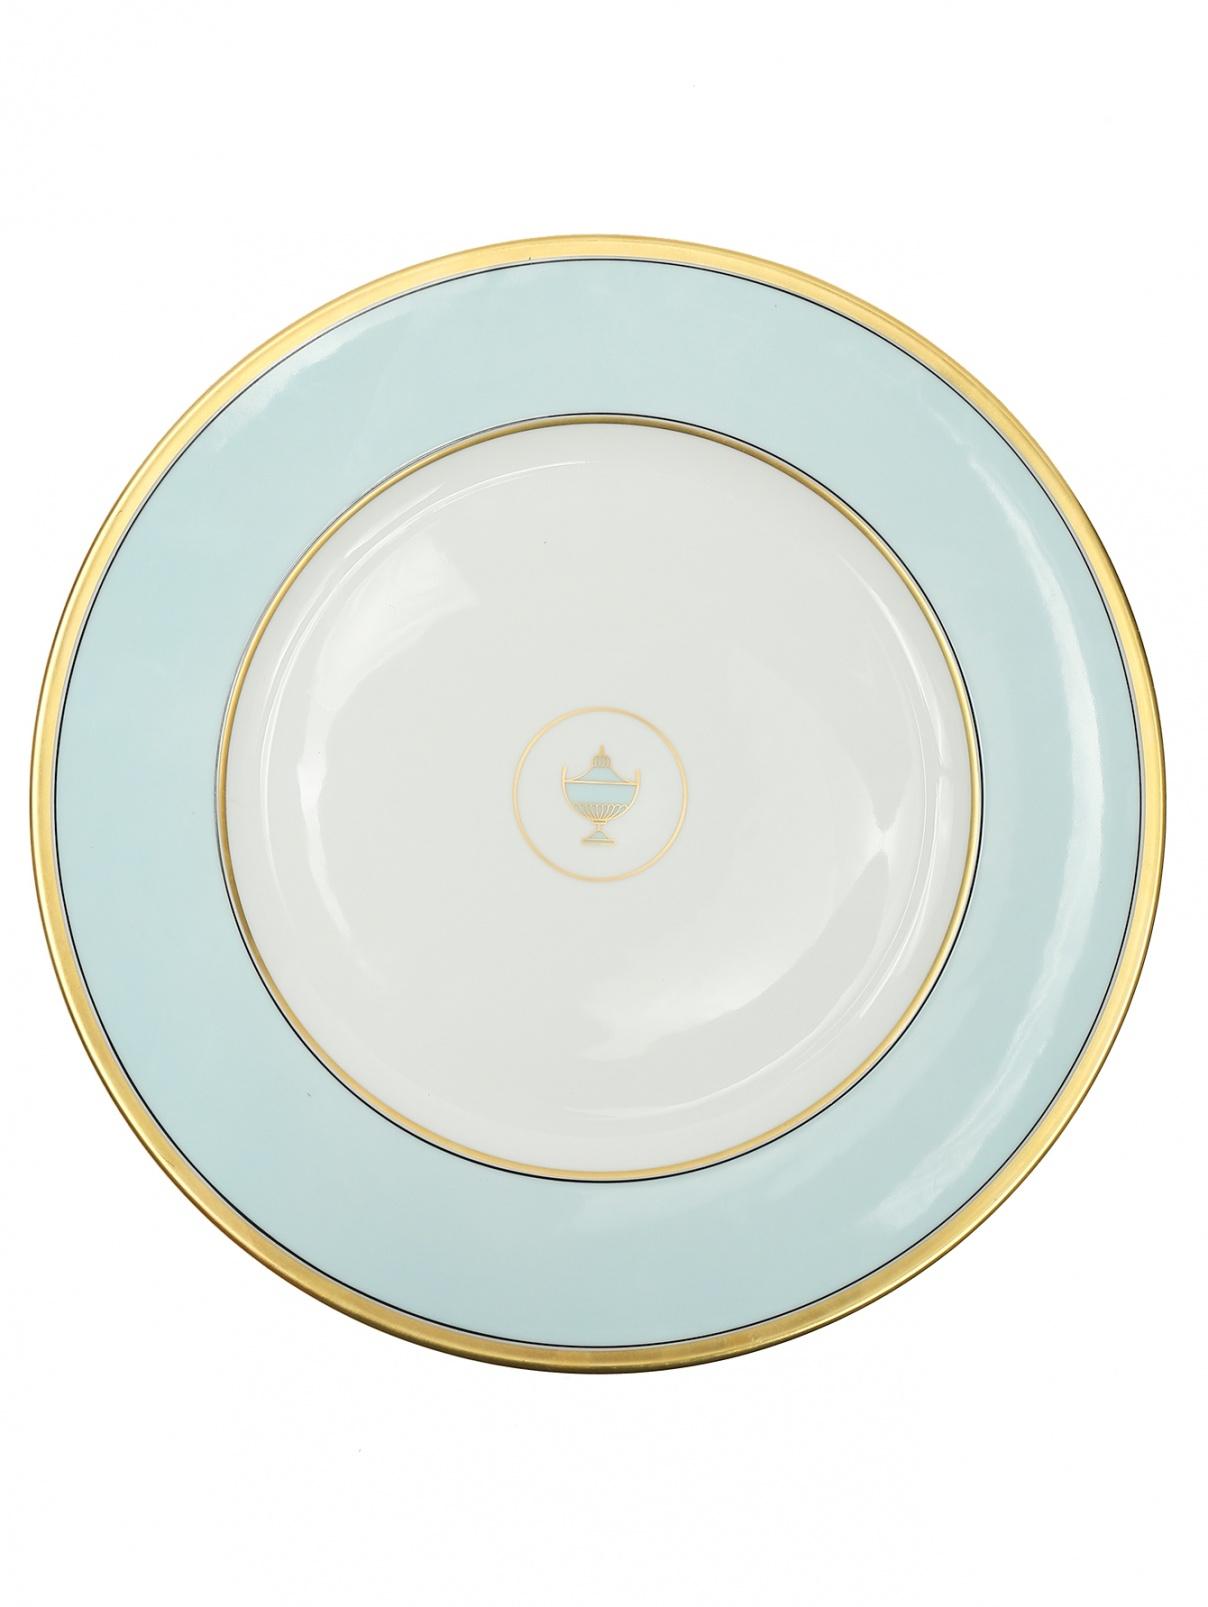 Блюдо круглое с золотой окантовкой Richard Ginori 1735  –  Общий вид